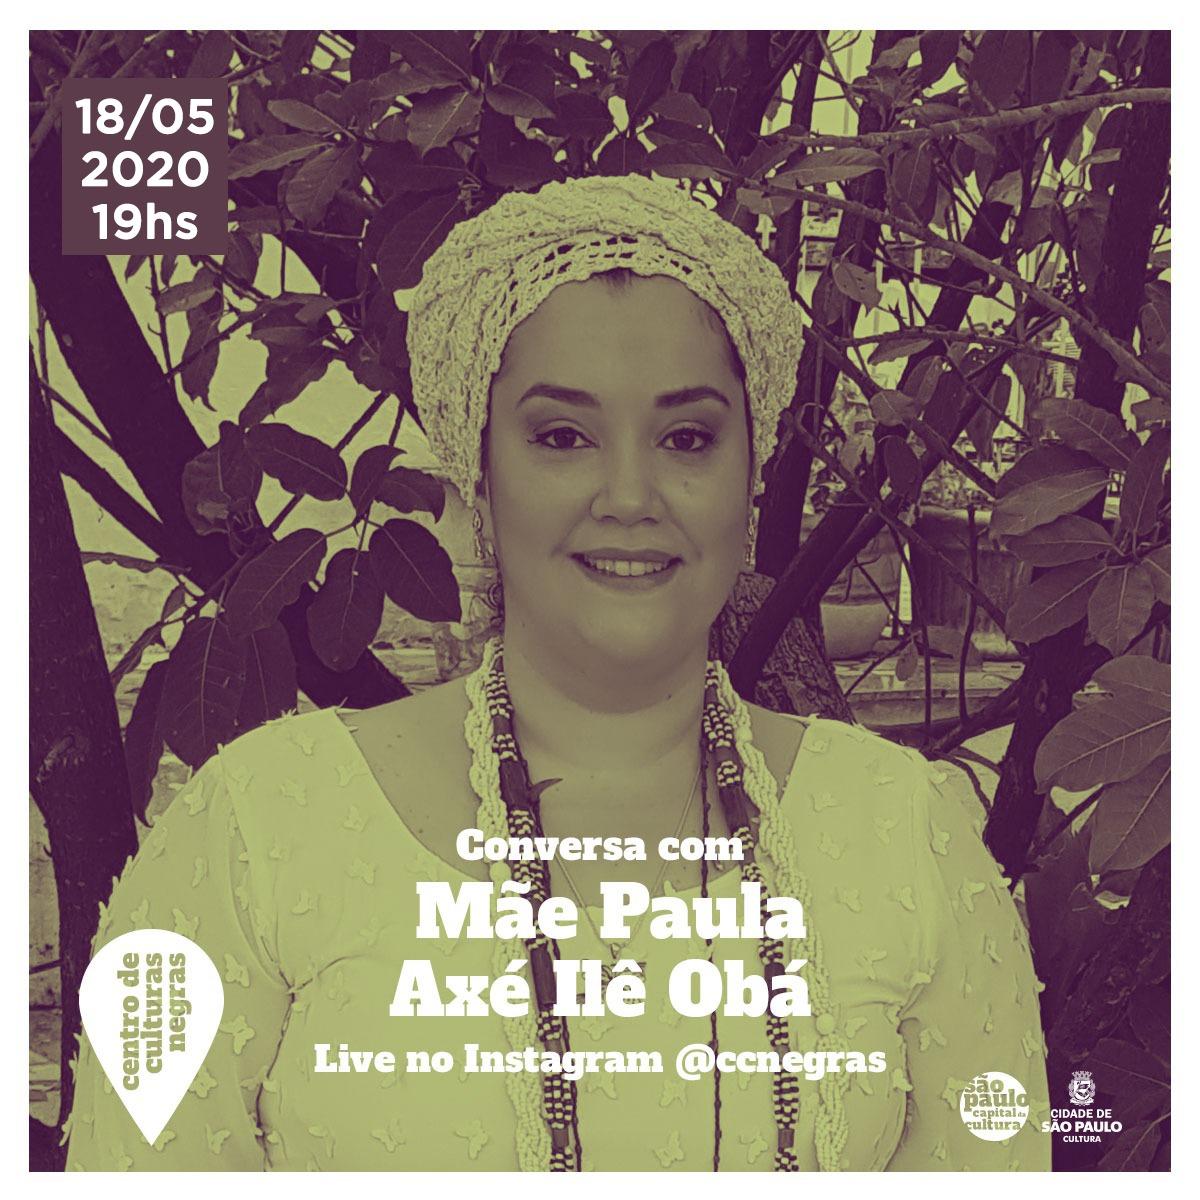 18/05 – Live No Instagram Do Centro De Culturas Negras Do Jabaquara – Mãe Sylvia De Oxalá. – As 19hs